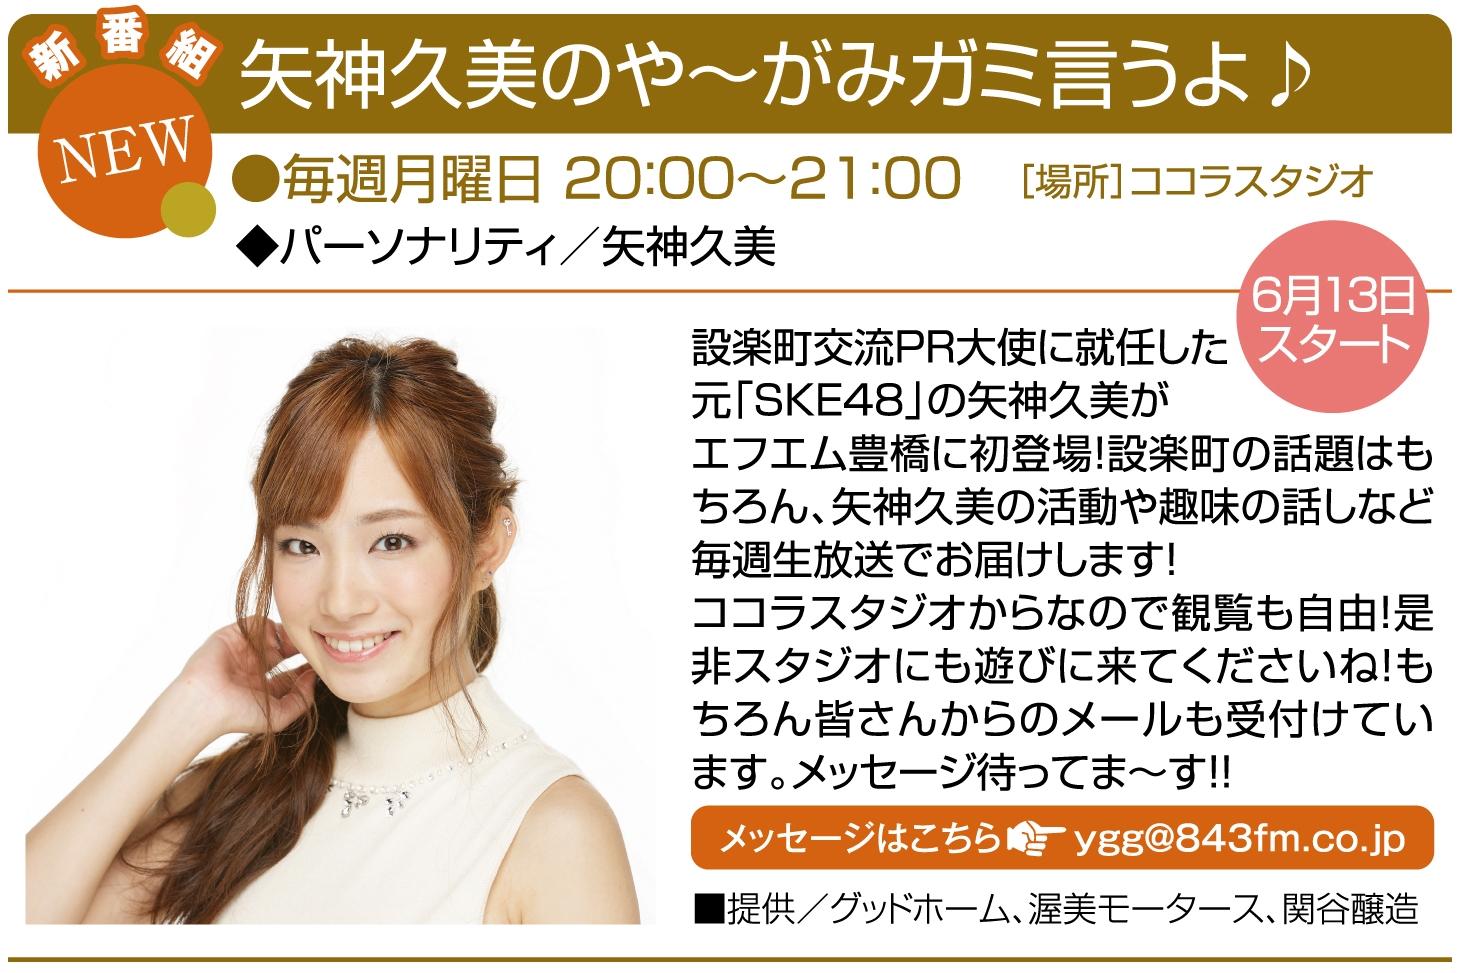 yagami_info